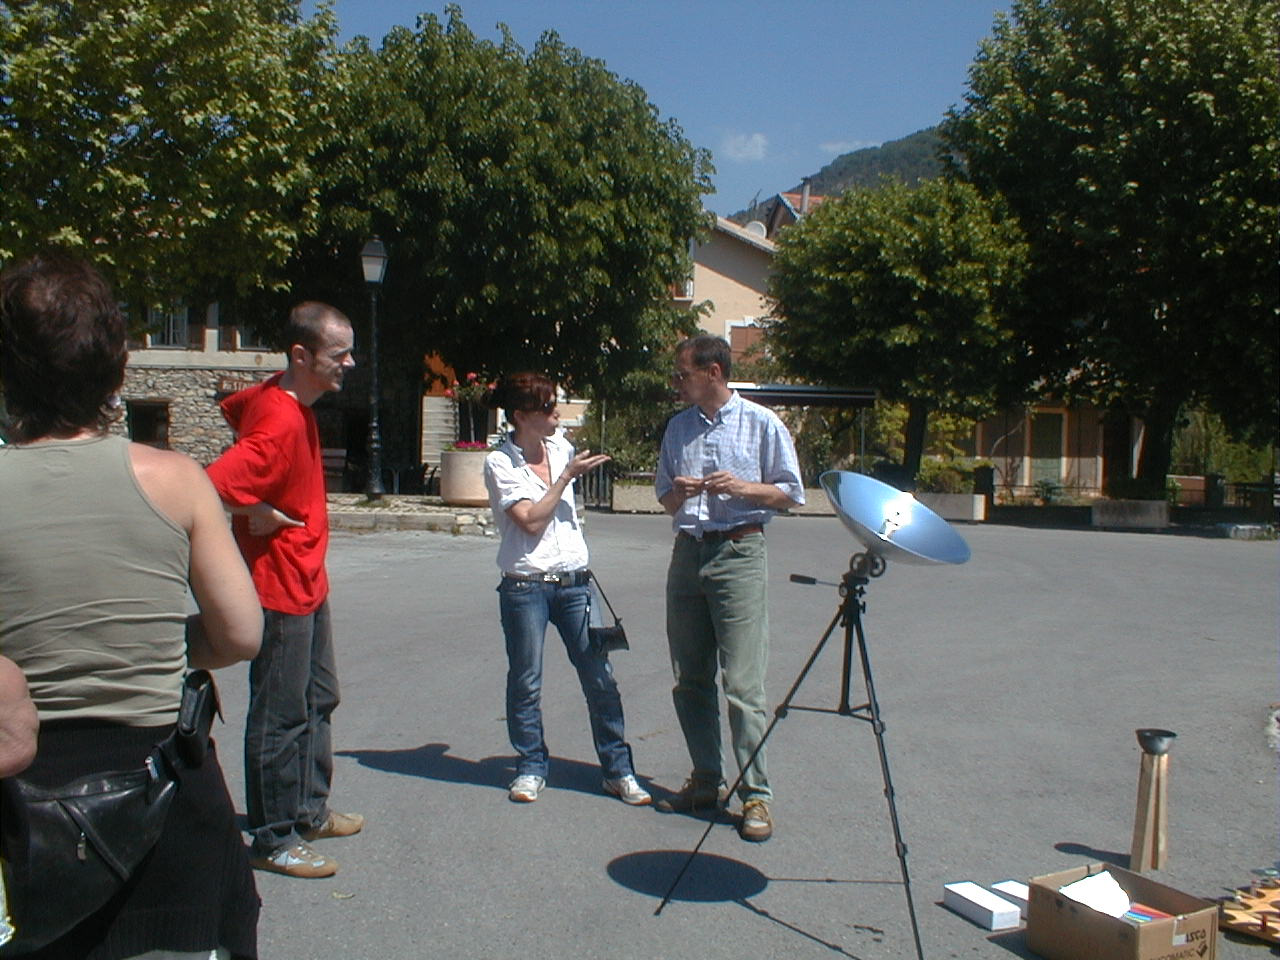 Rencontre avec un scientifique E Bak, P Tiraboschi, Luc Kerléo, Guy Mausy